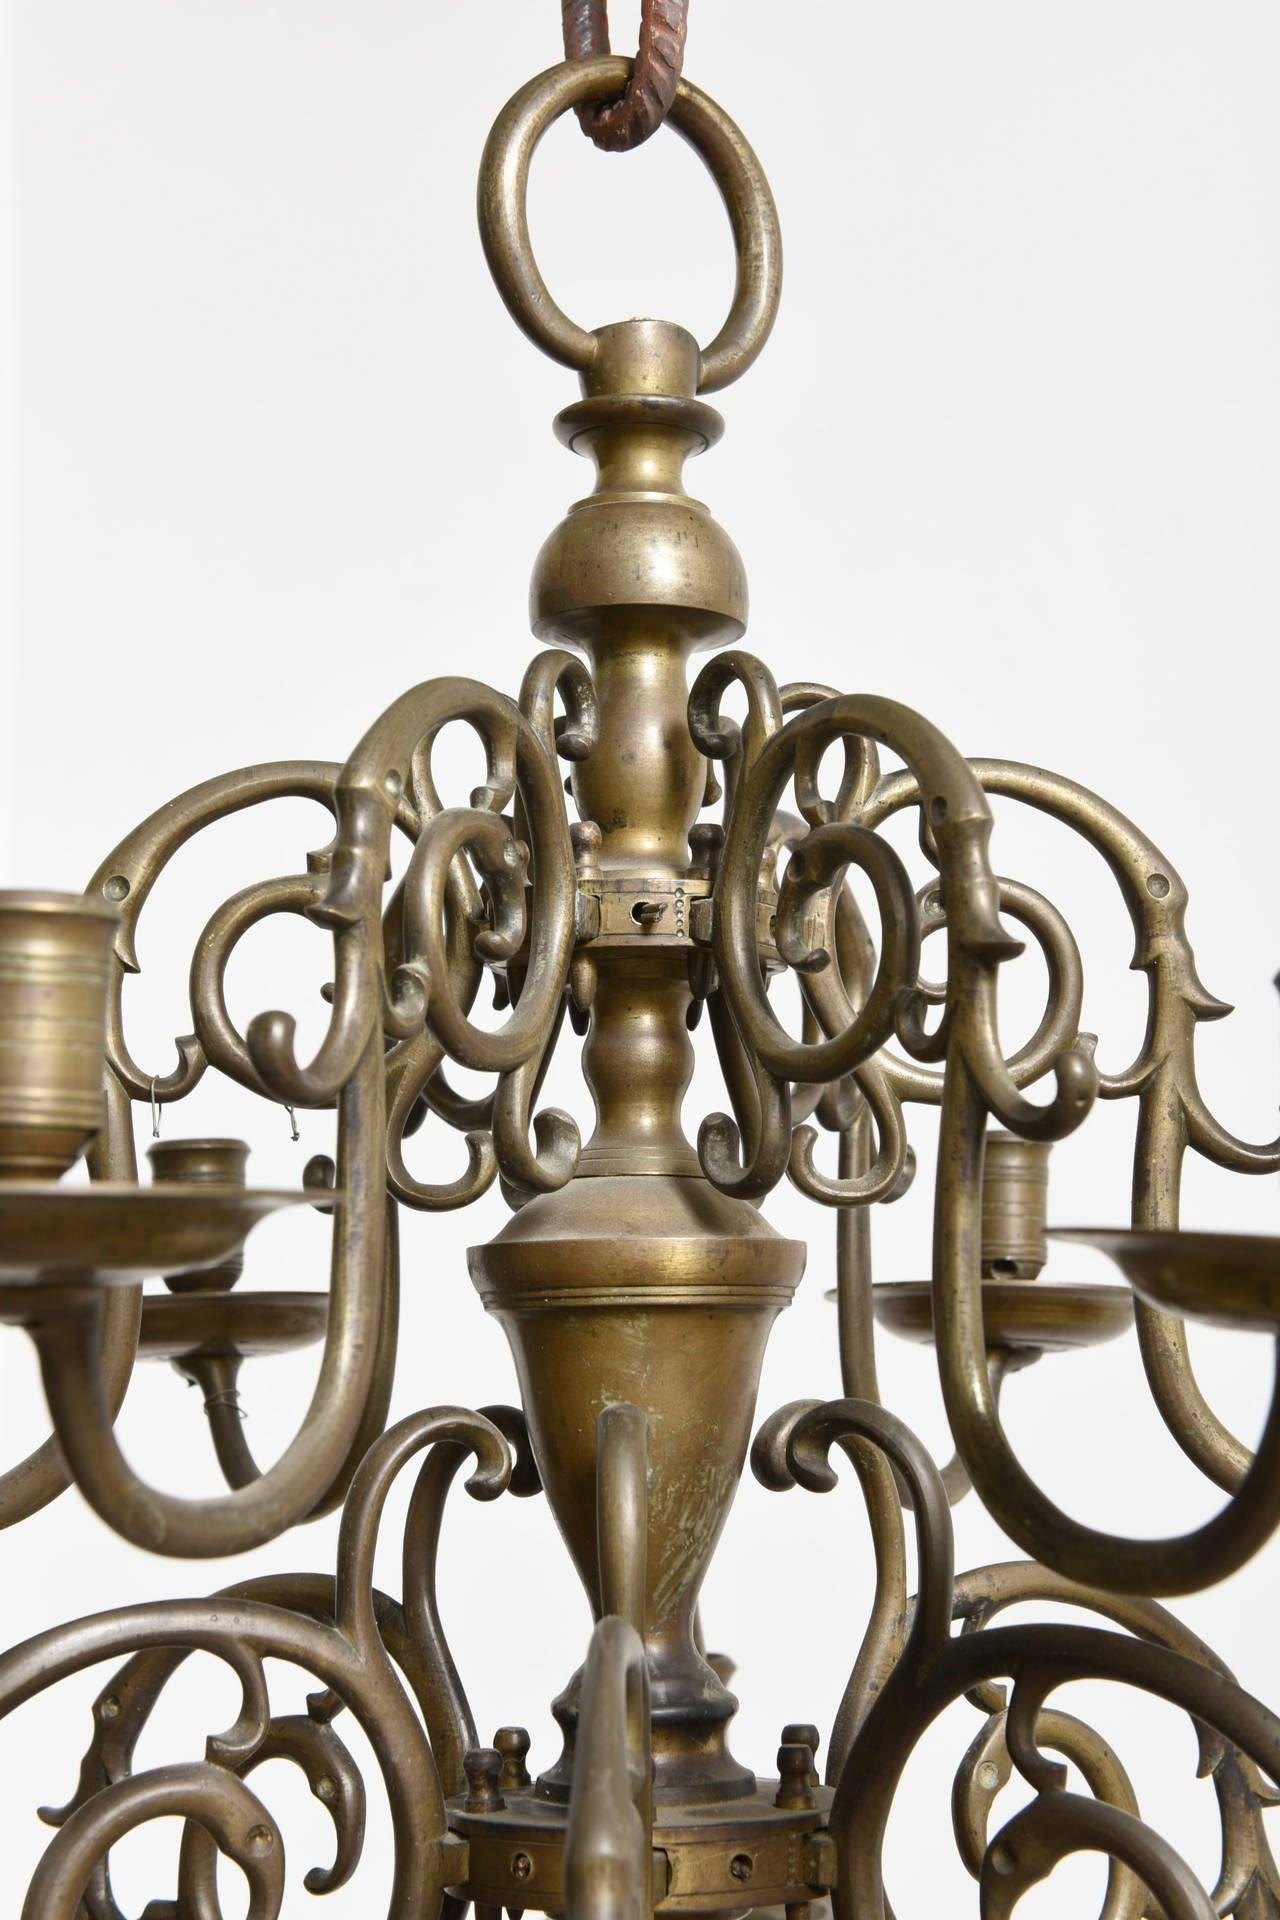 Dutch Bronze Twelve-Arm Candle Holder Chandelier, 18th ...